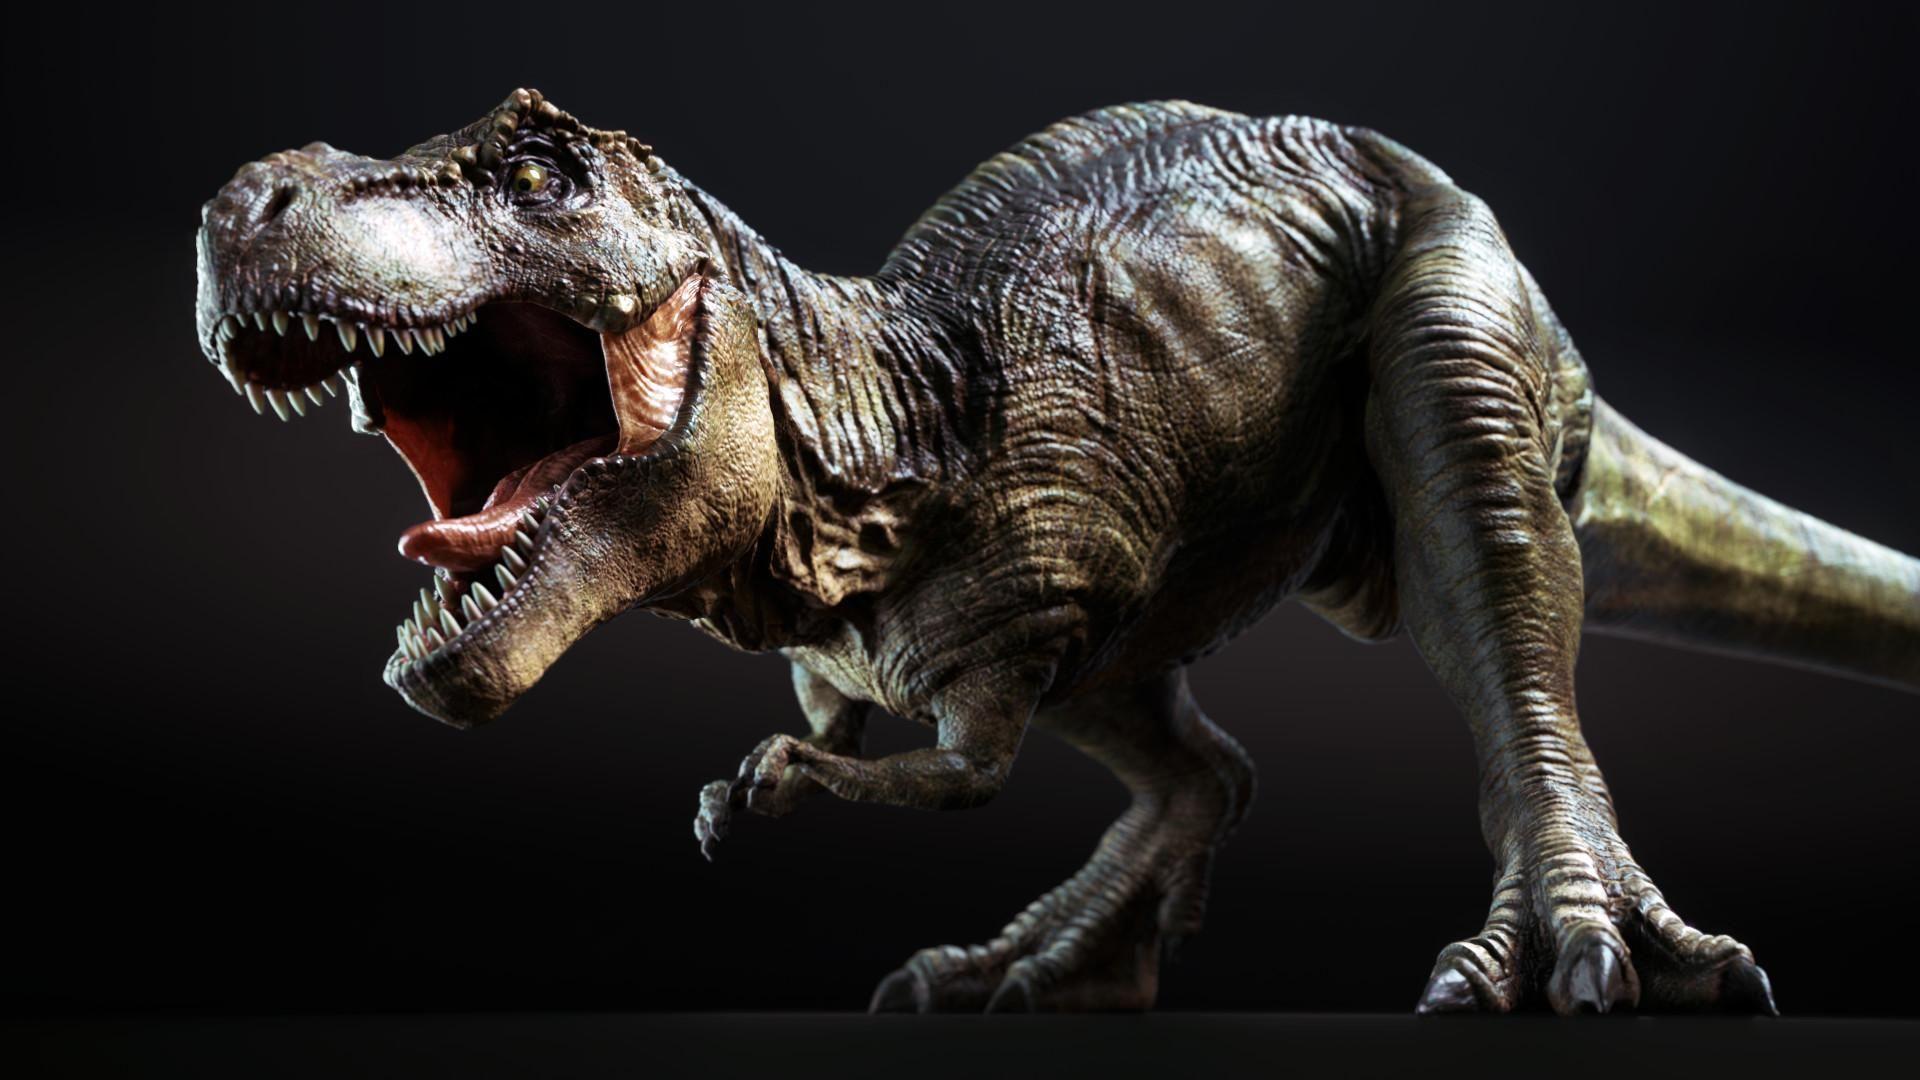 динозавров рекс картинки того